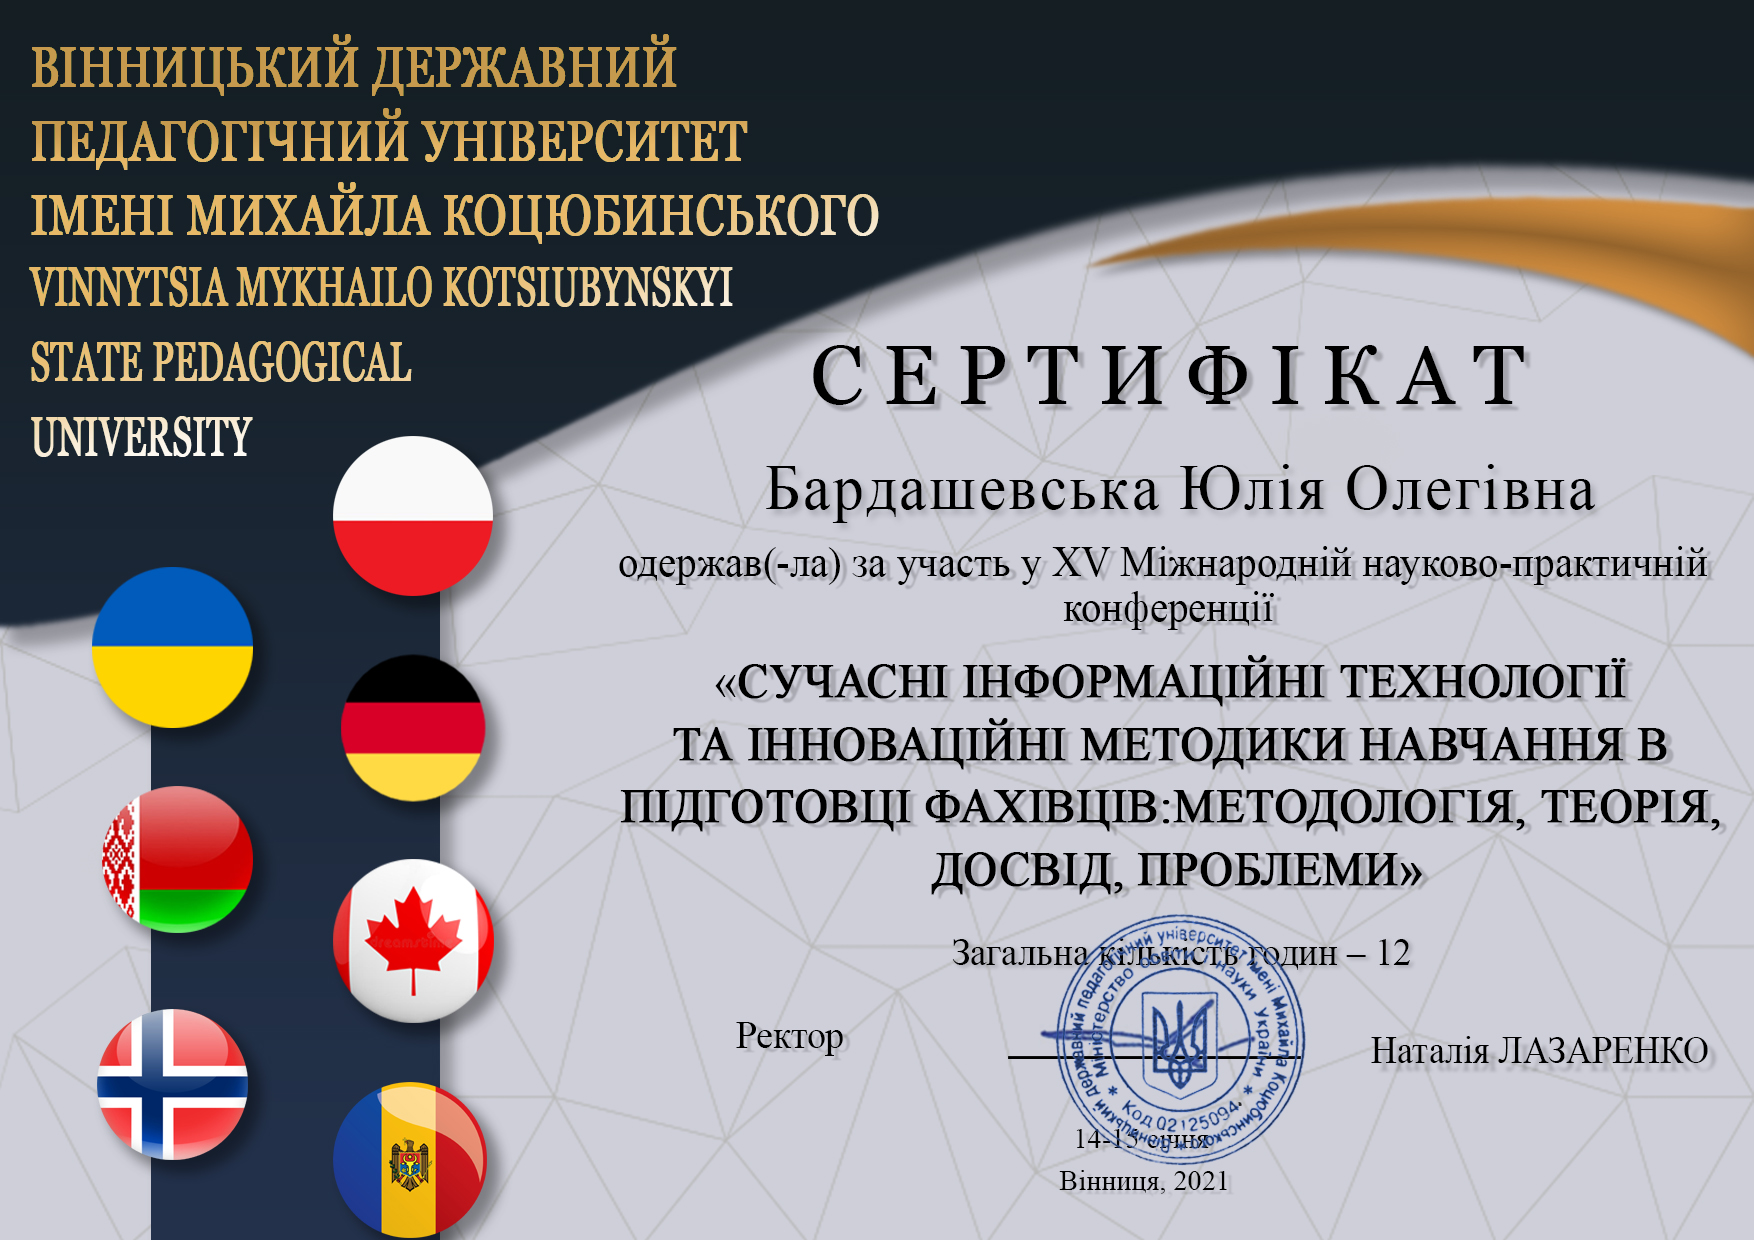 Бардашевська Юлія Олегівна